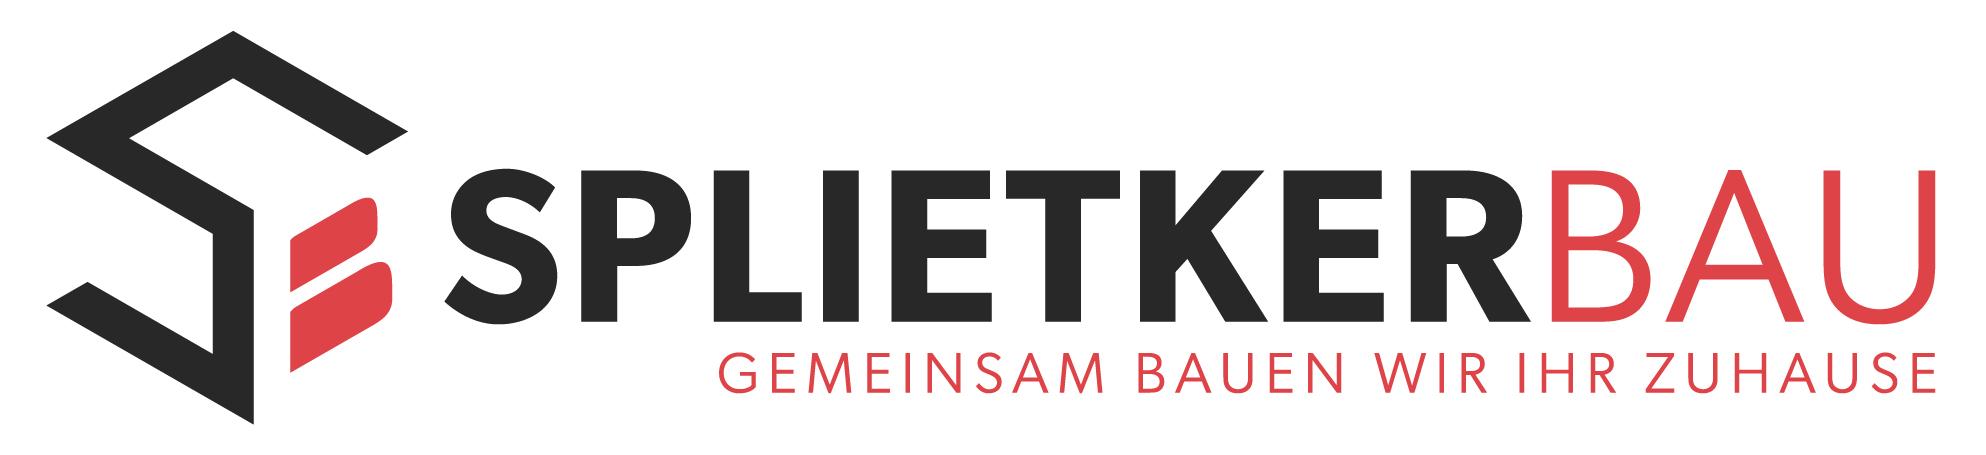 Logo-SplietkerBau-mitClaim.jpg